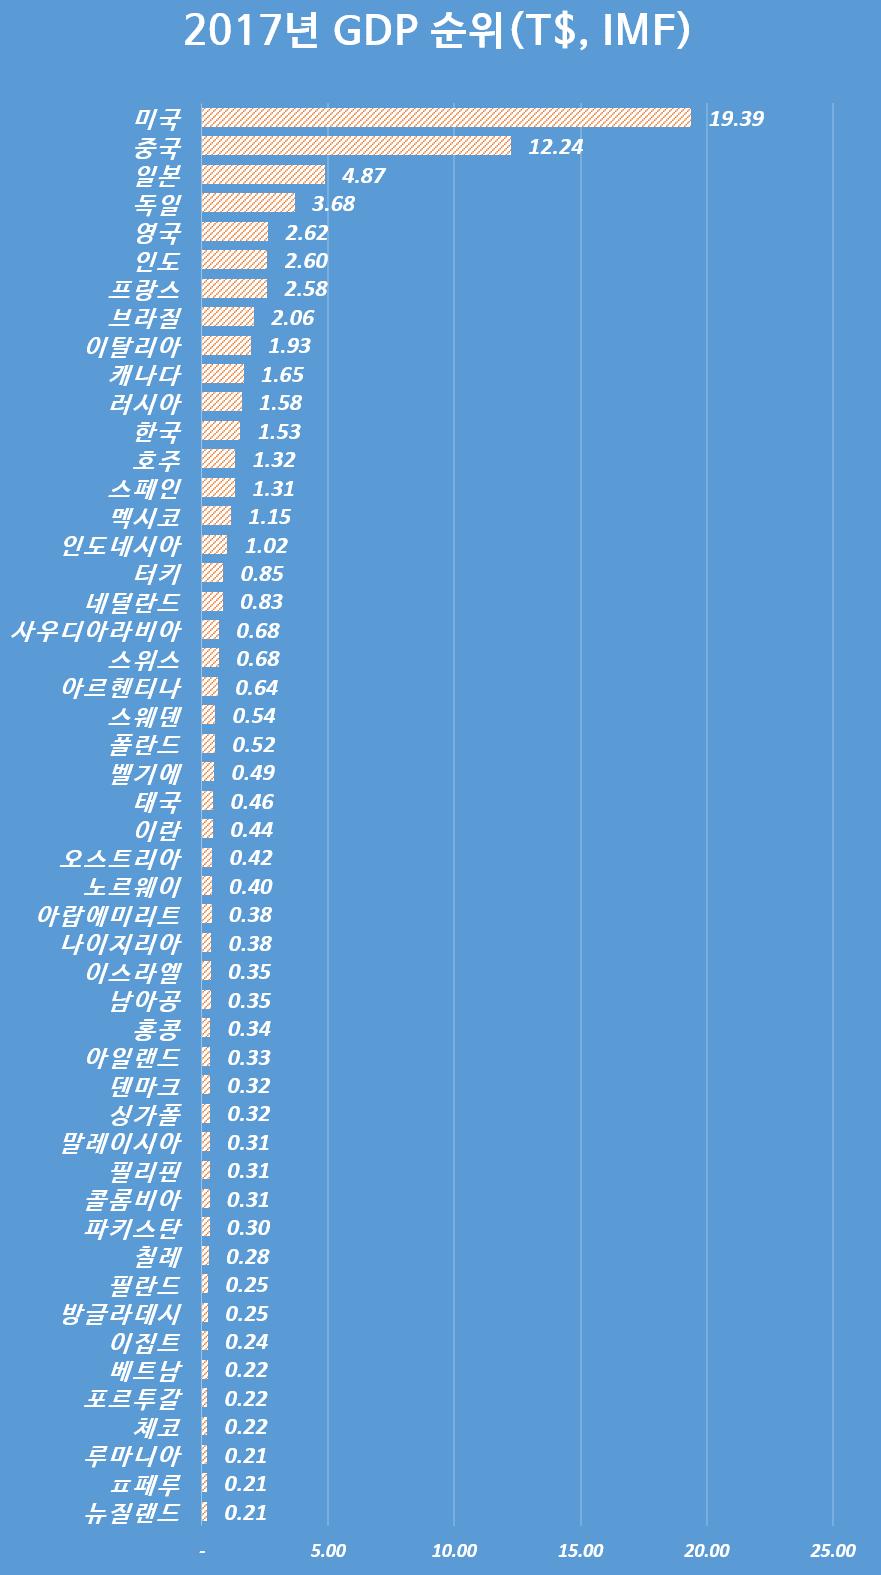 2017년 명목 GDP 순위, IMF자료 기준, Graph by Happist